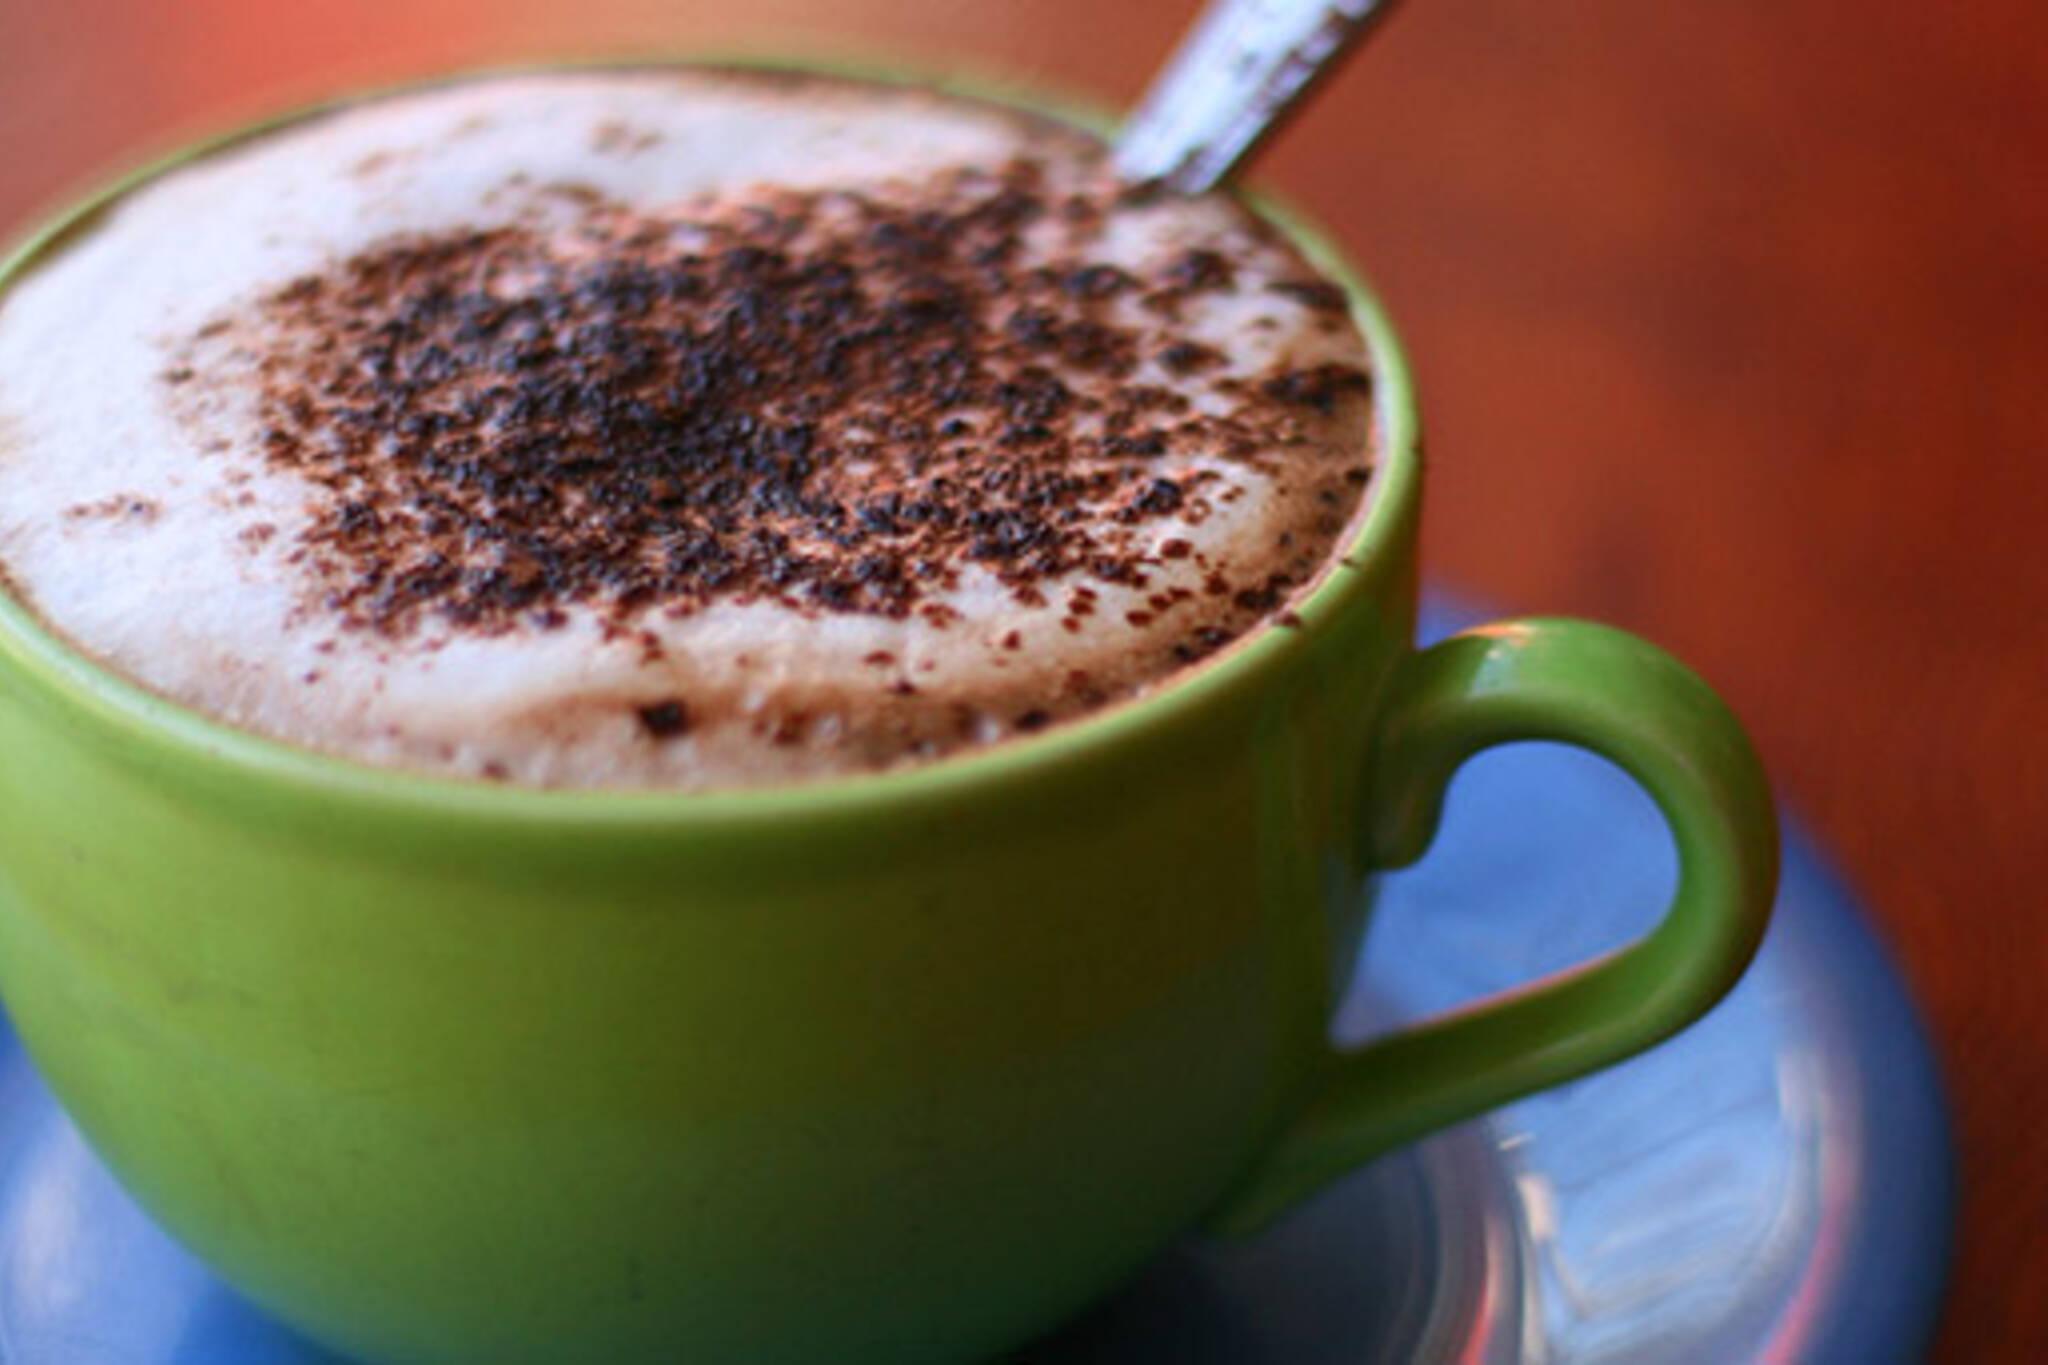 Tinto Cafe